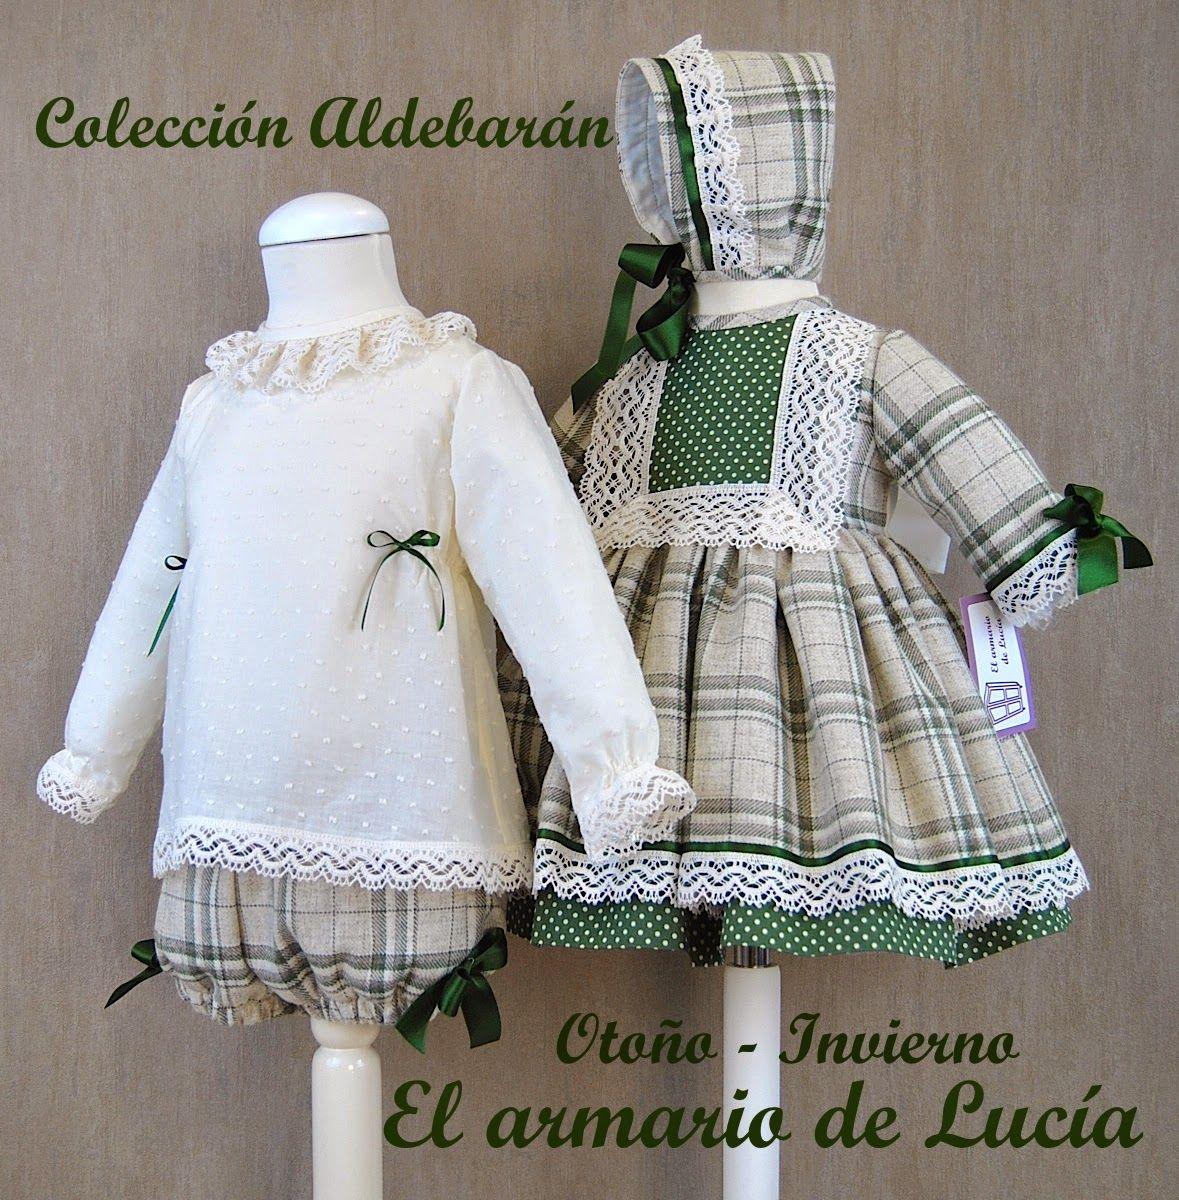 0da787222 COLECCIÓN OTOÑO INVIERNO 2015 ALDEBARAN. - Blog El Armrio de Lucia